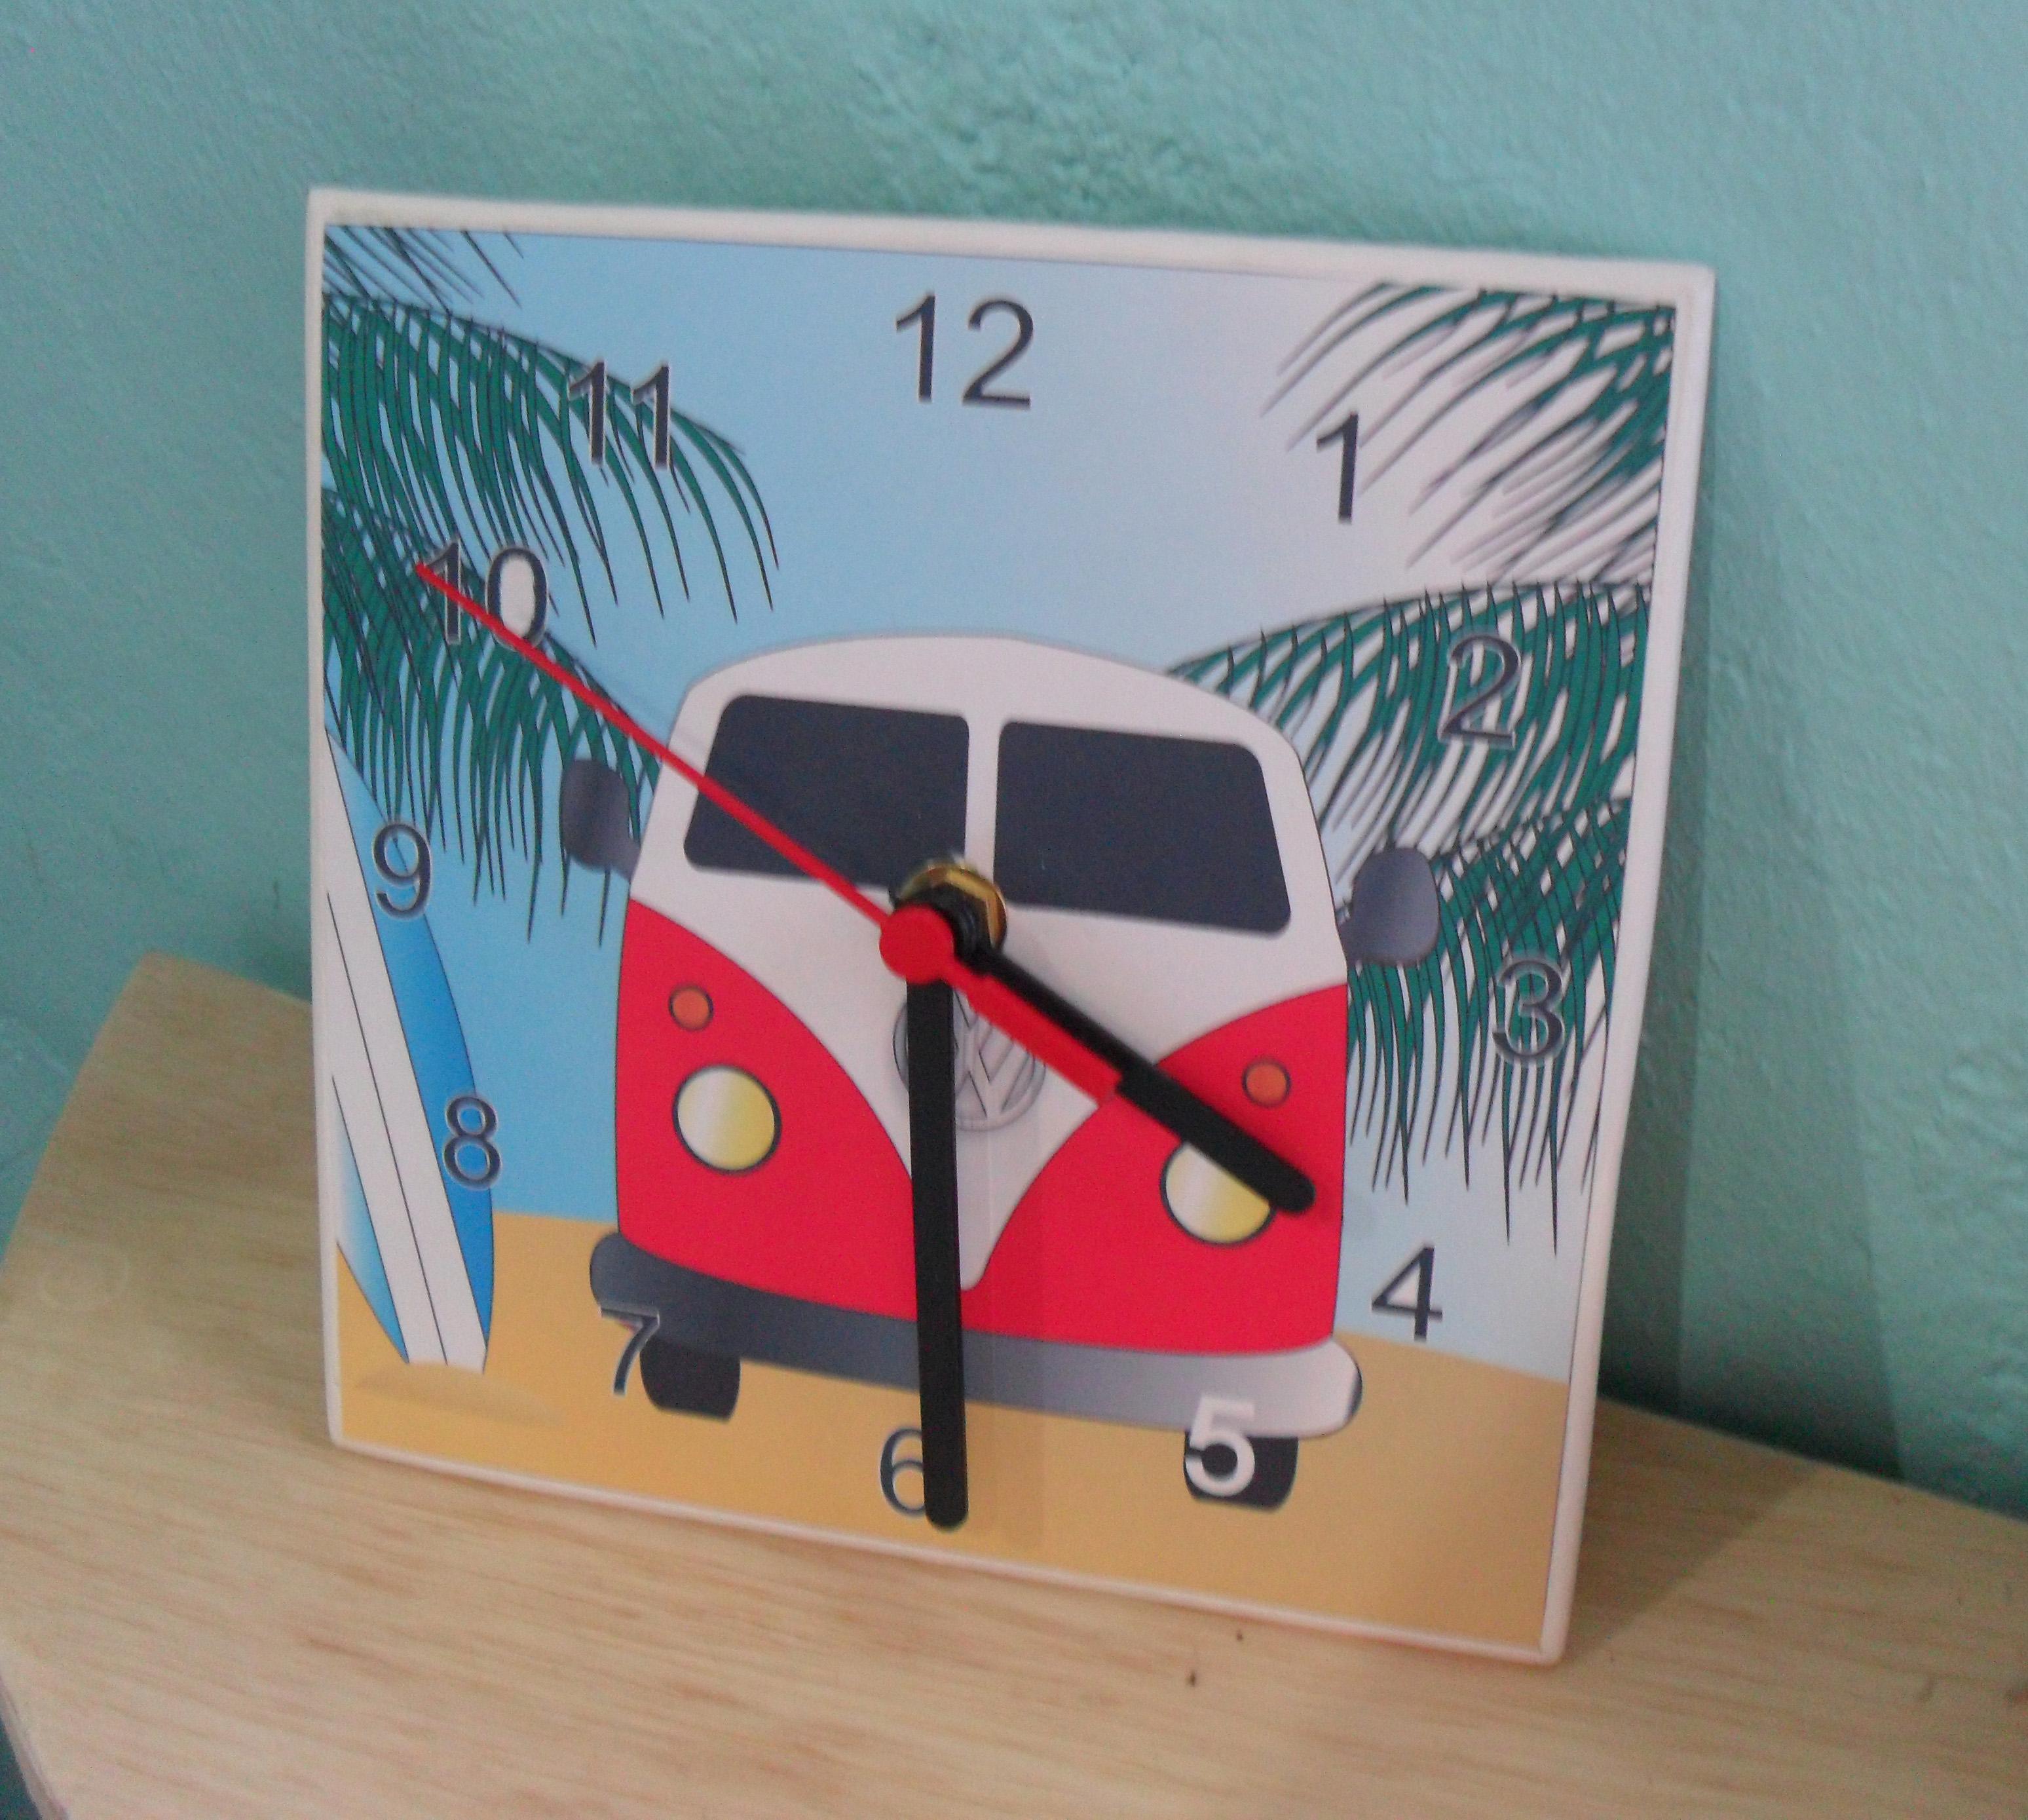 d8bda1d470d Relogio kombi Surf no Elo7